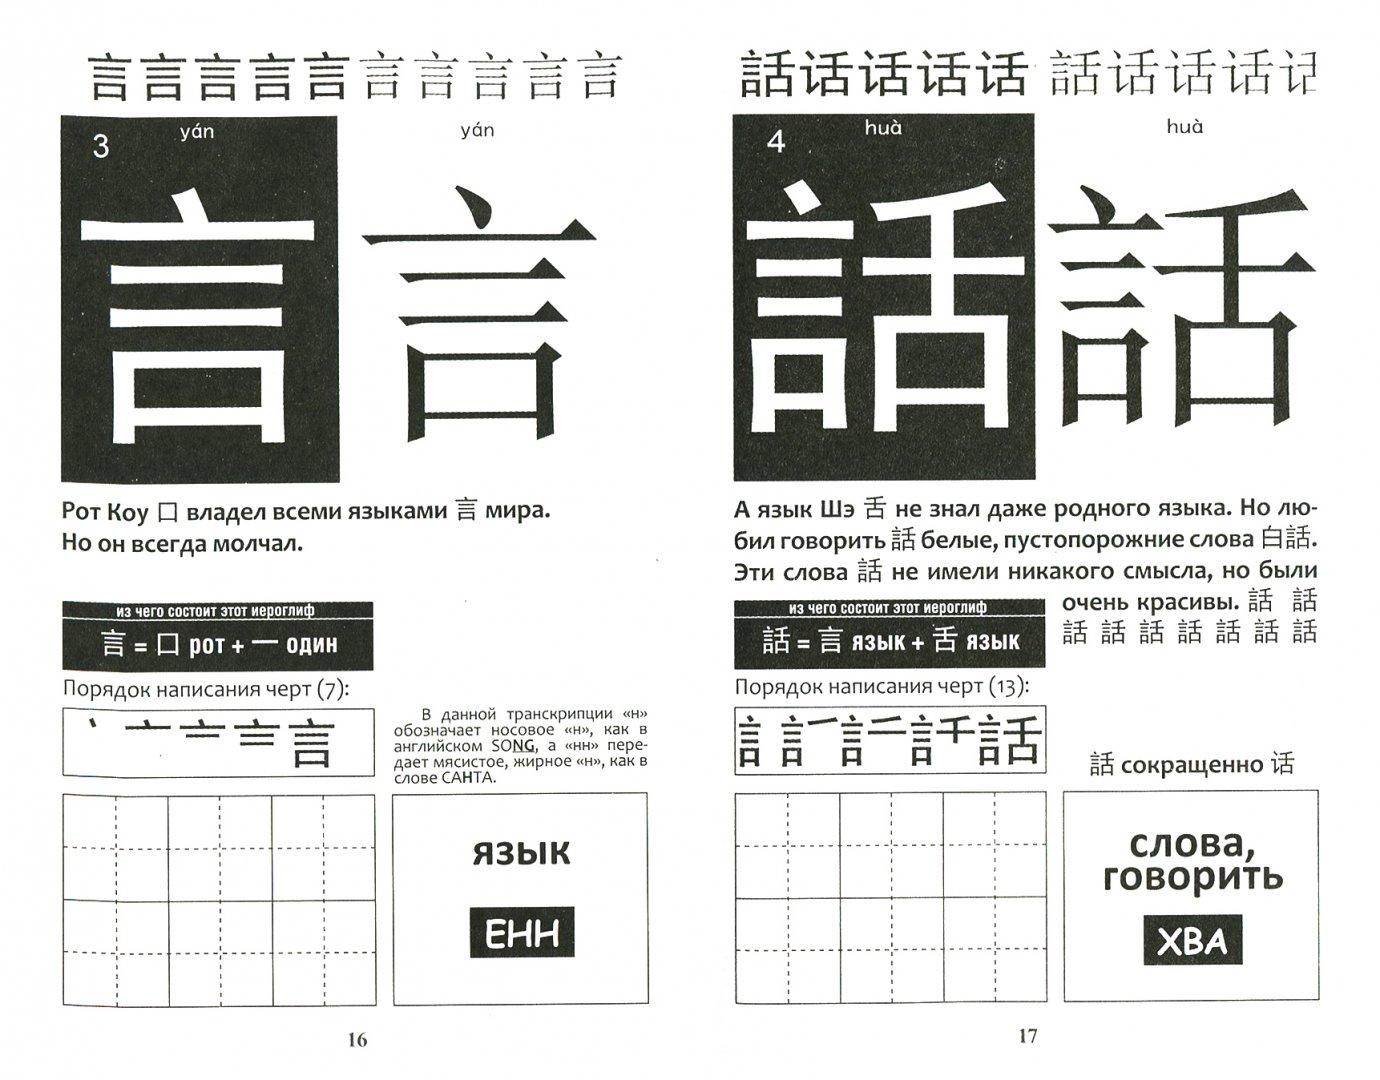 Иллюстрация 1 из 8 для Мой первый самоучитель китайского - Дерега, Дерега | Лабиринт - книги. Источник: Лабиринт